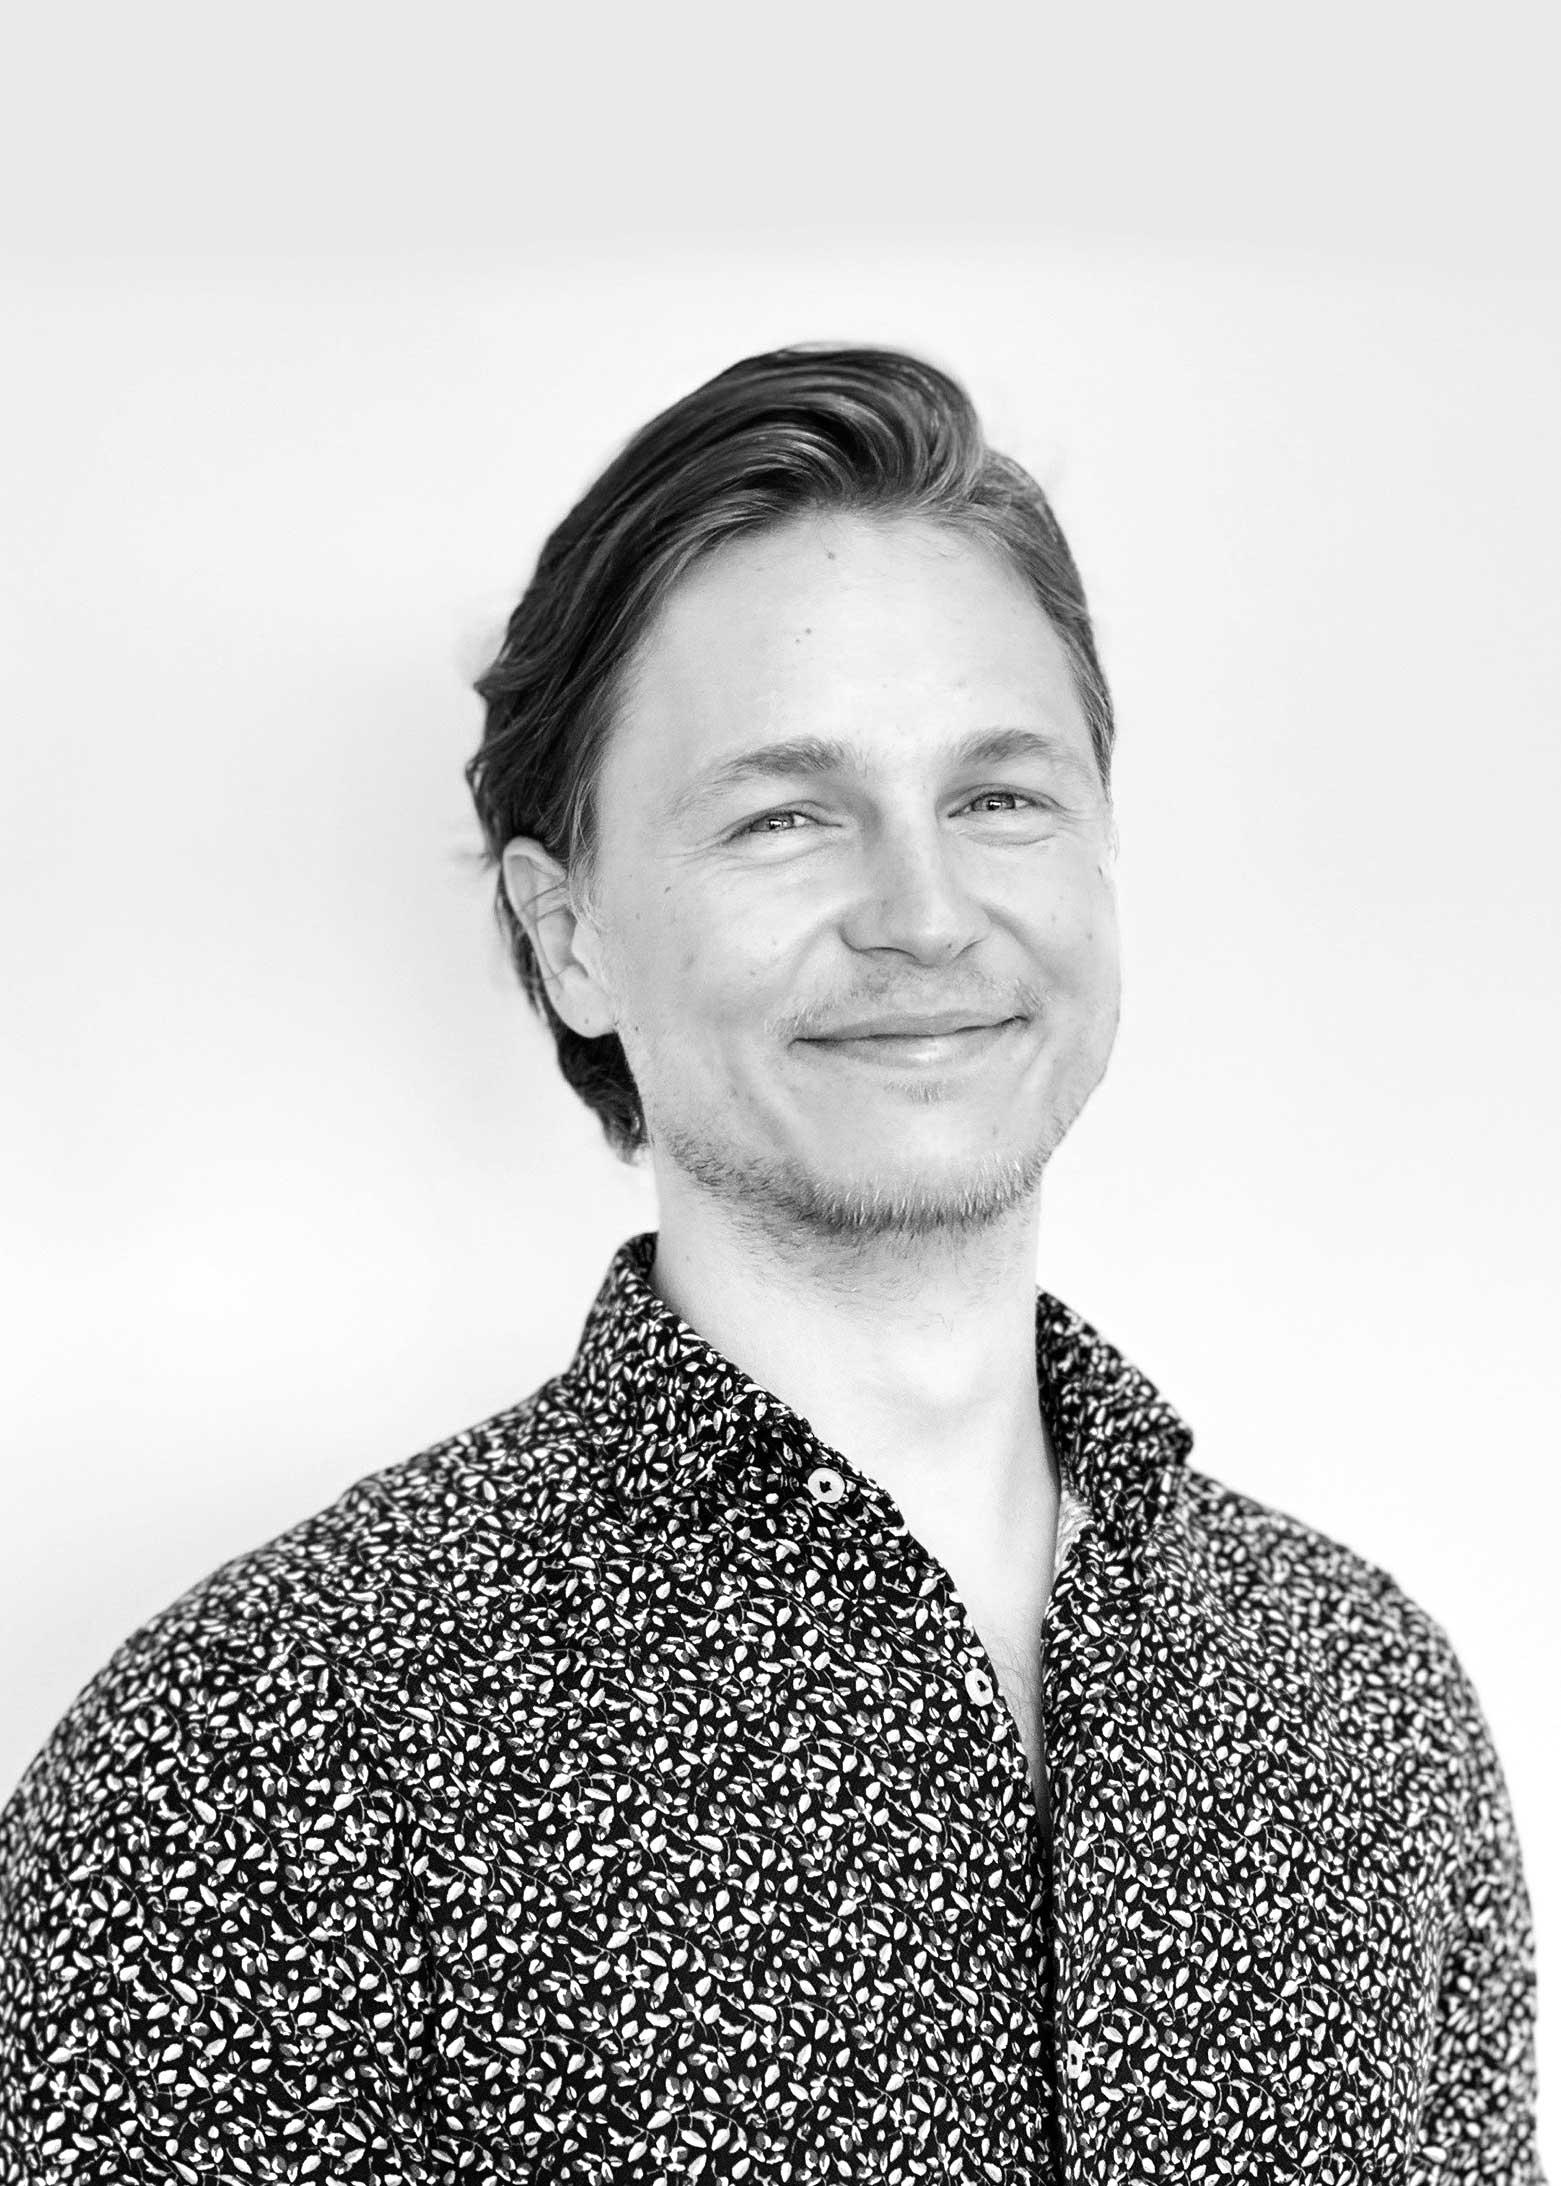 Jesper Bonnevier